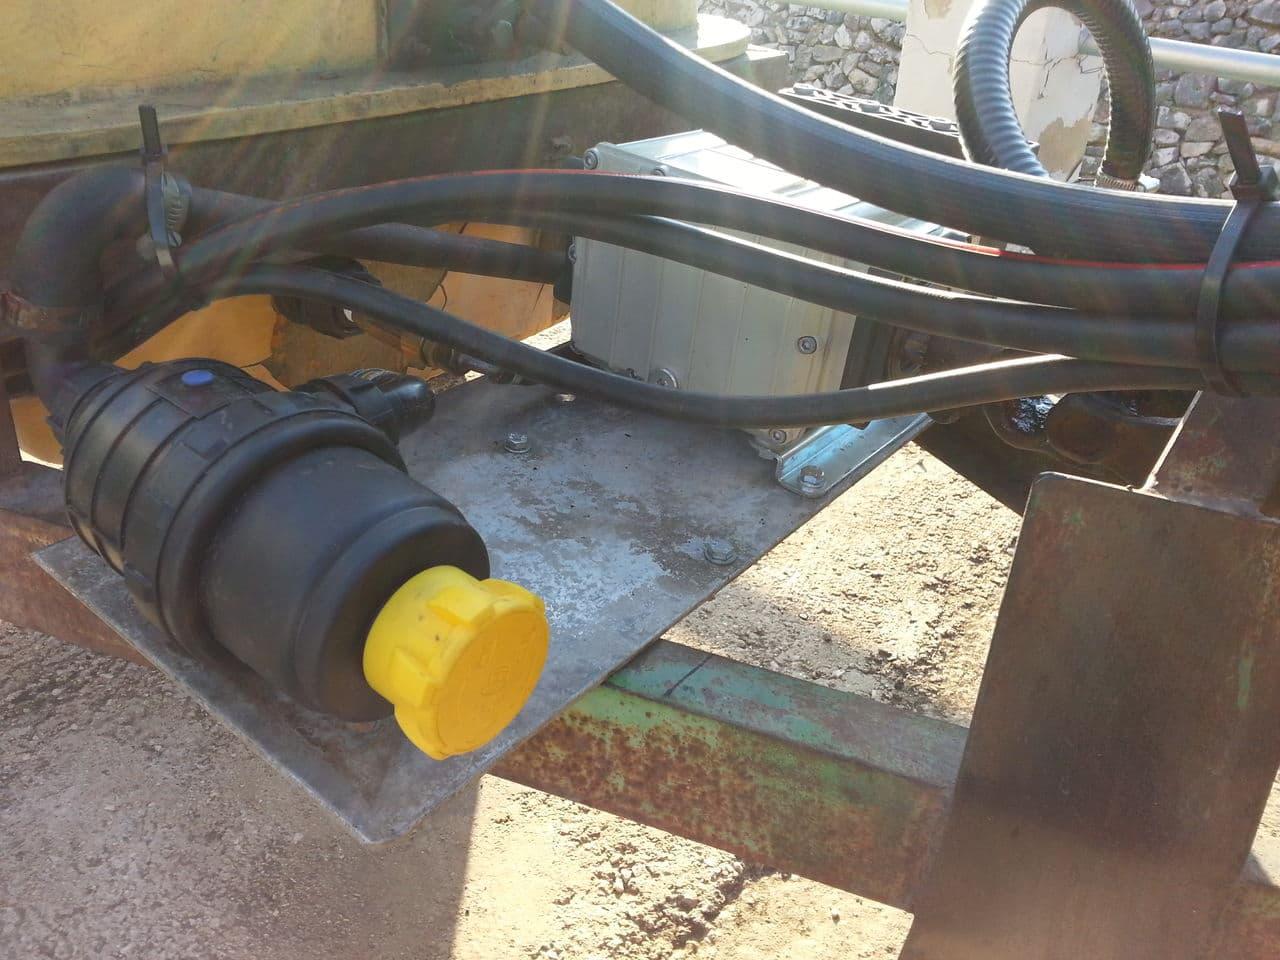 Restauración de una cuba de 600 litros para pasar la Inspección de Equipos de Aplicación de Fitosanitarios Filtro